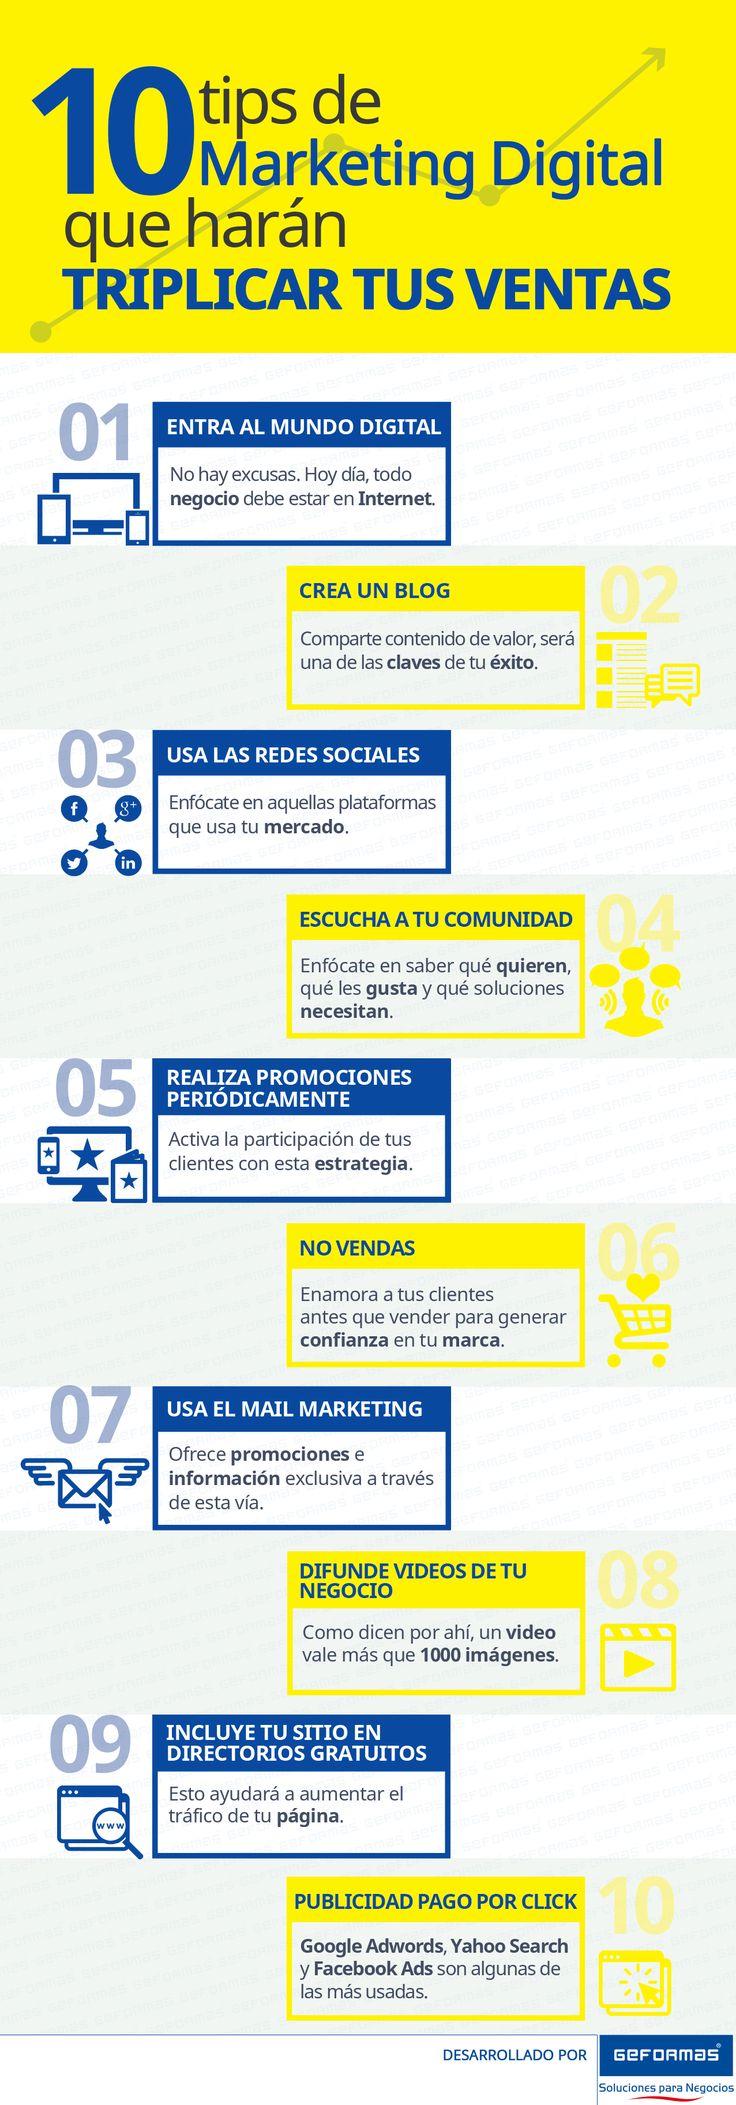 10 consejos de marketing digital para triplicar tus ventas #infografia Ideas Negocios Online para www.masymejor.com